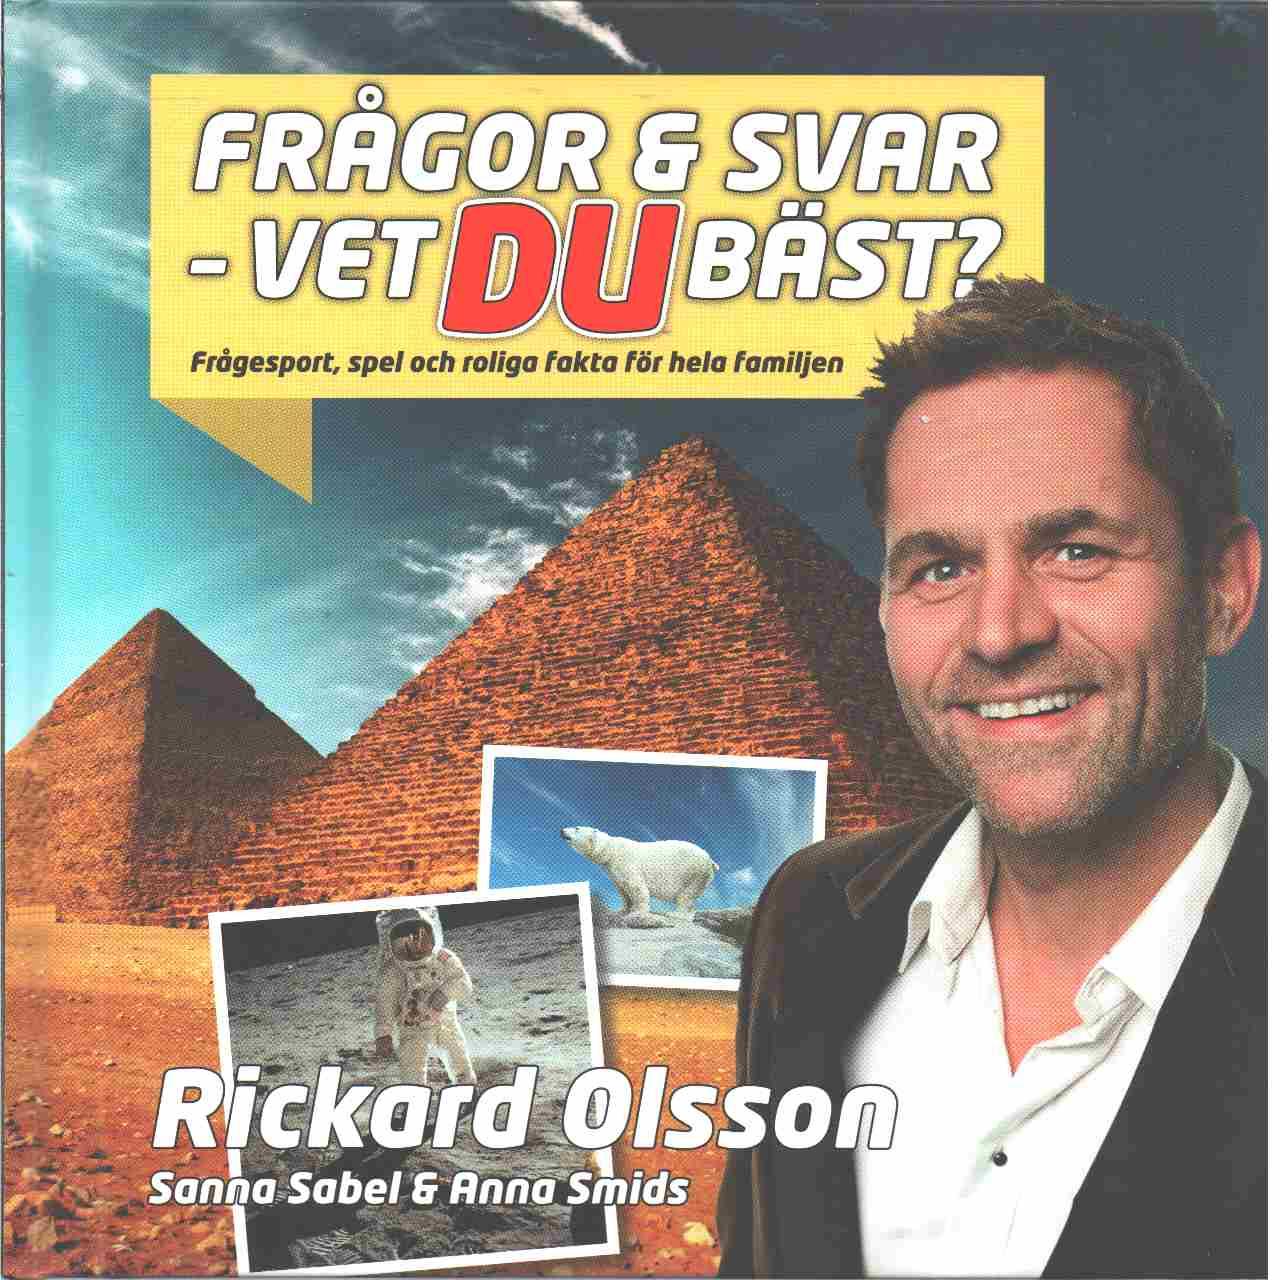 Frågor & svar - vet du bäst? : frågesport, spel och roliga fakta för hela familjen  - Olsson, Rickard och Smids, Anna samt Sabel, Sanna